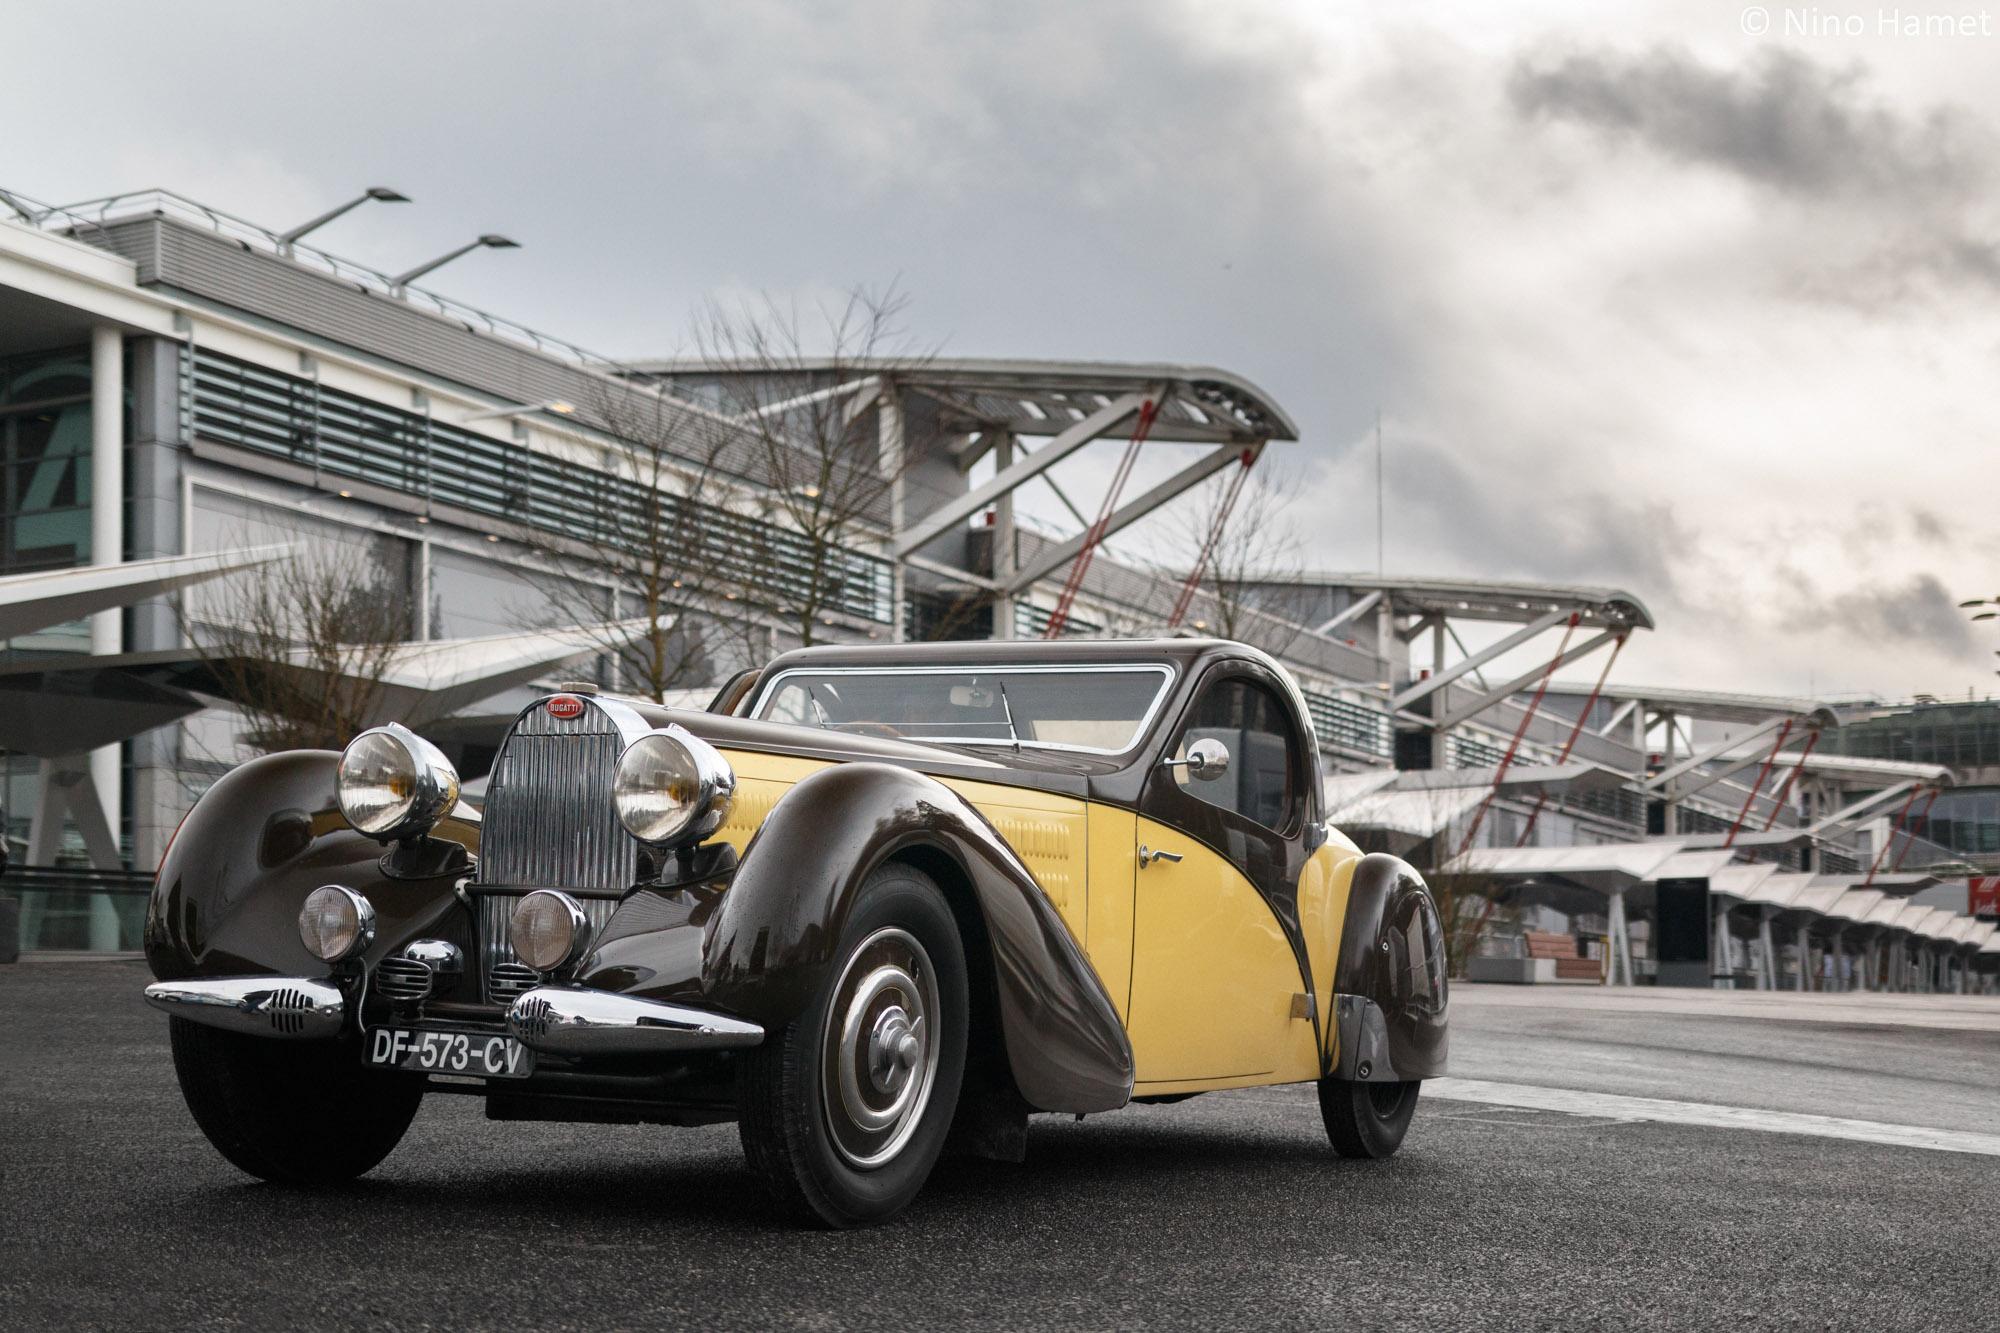 Cette Bugatti Type 57 Atalante, estimée 1 M € - 1.5 M €, sera adjugée 2 000 000 d'euros !